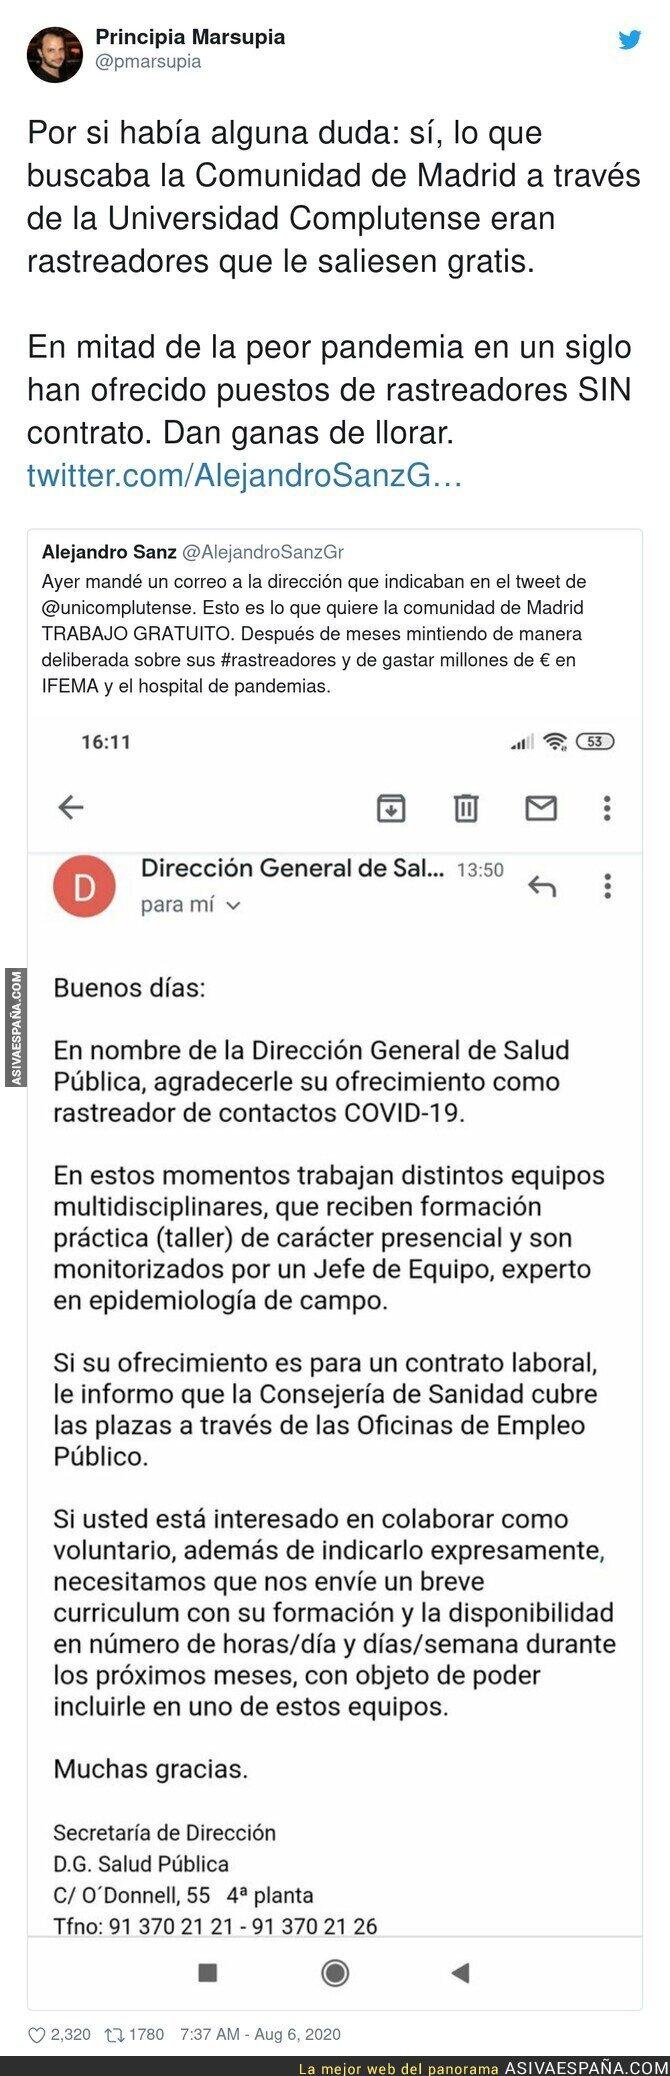 307722 - La poca vergüenza de la Comunidad de Madrid buscando rastreadores